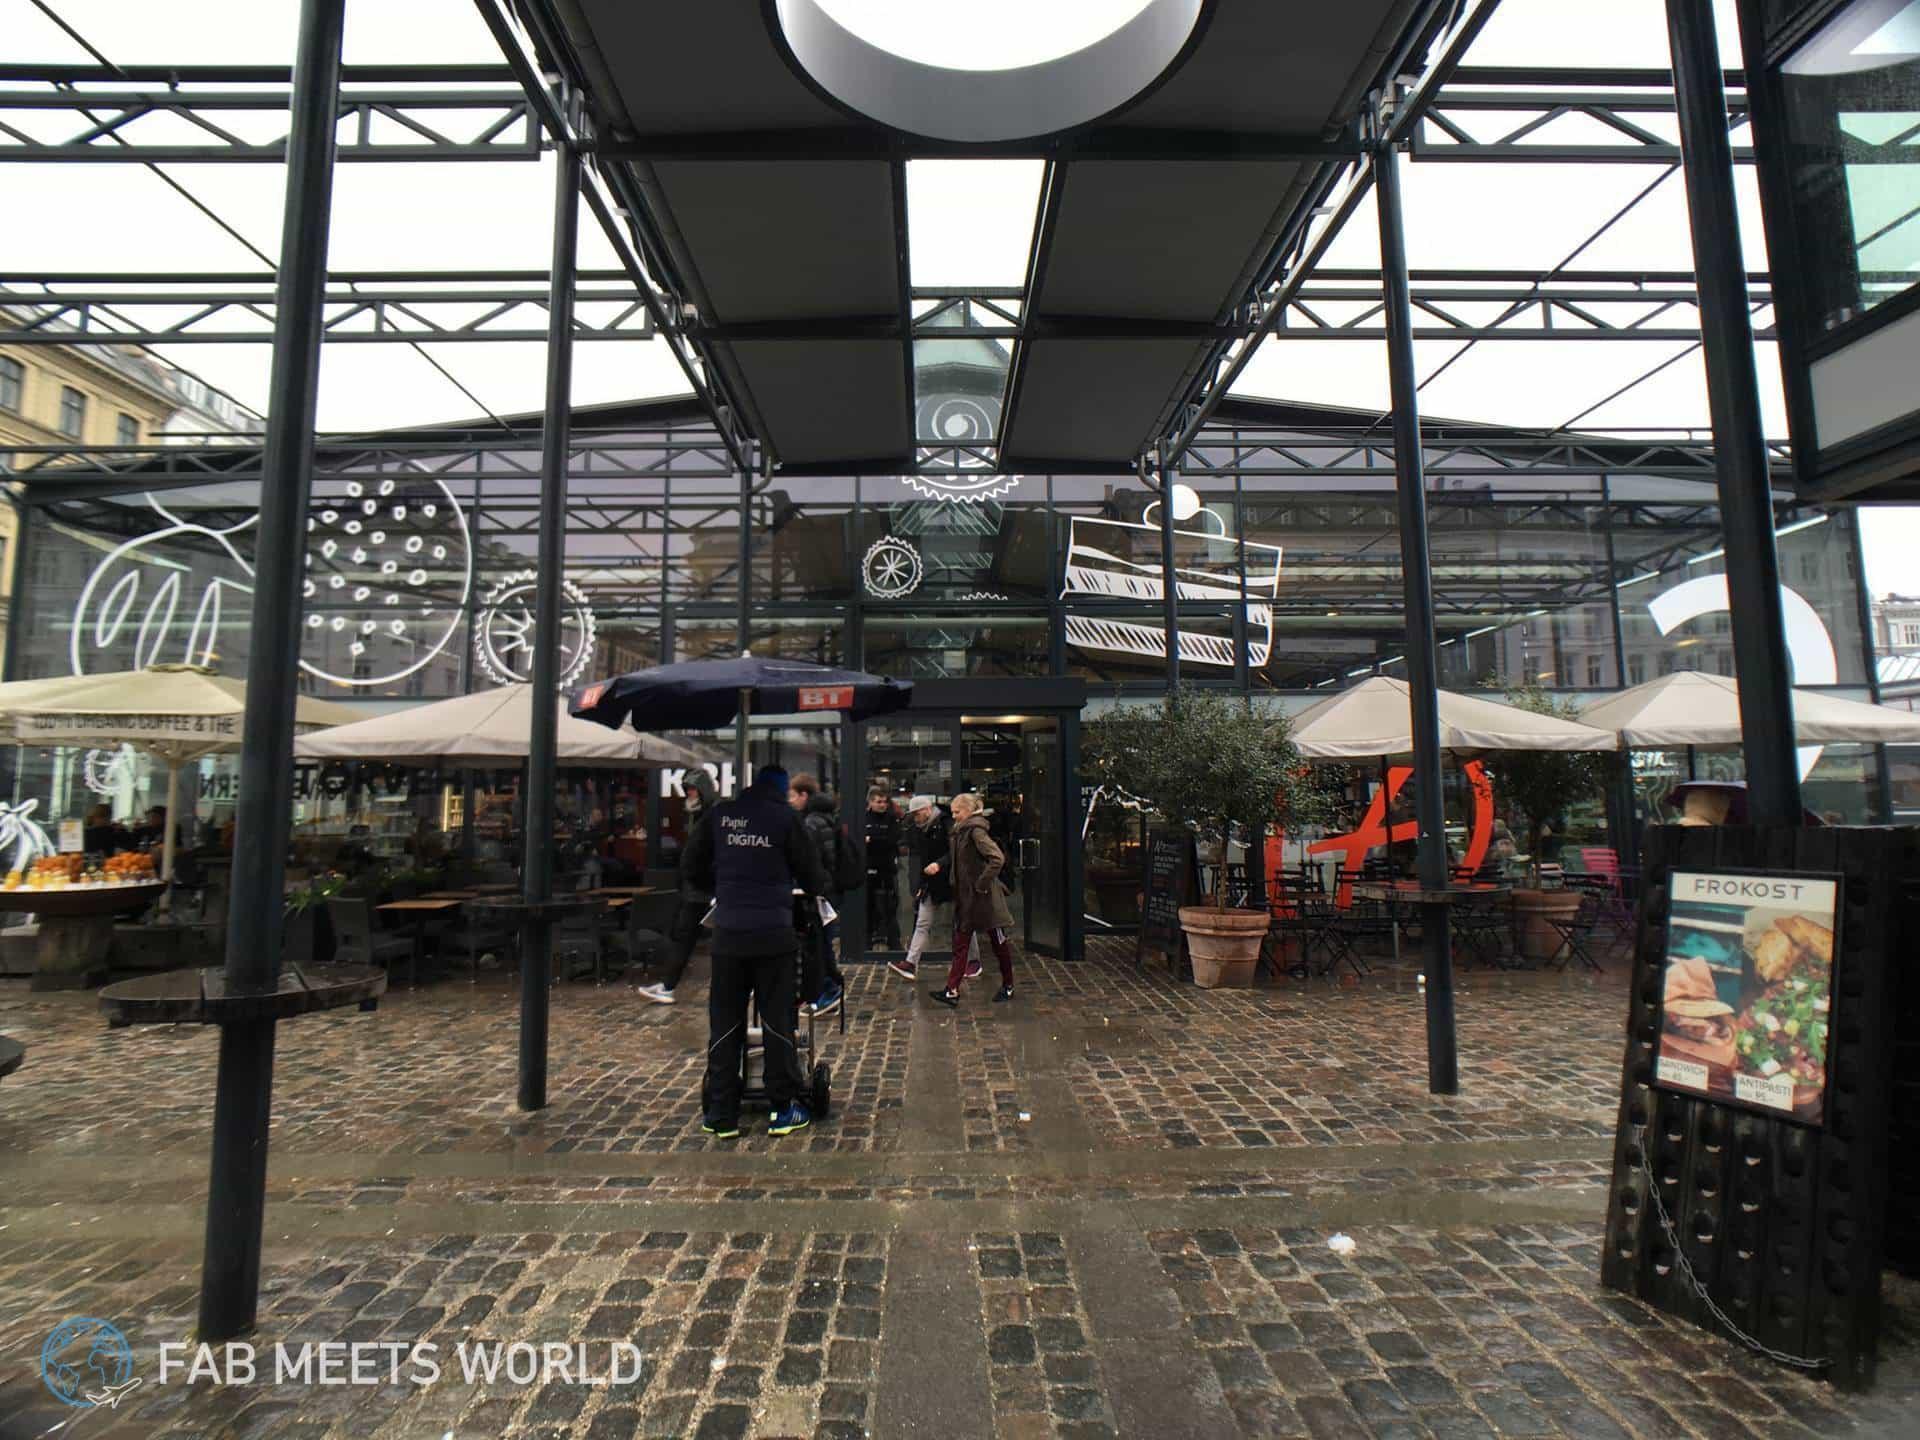 Torvehallerne-food-market-outside-copenhagen